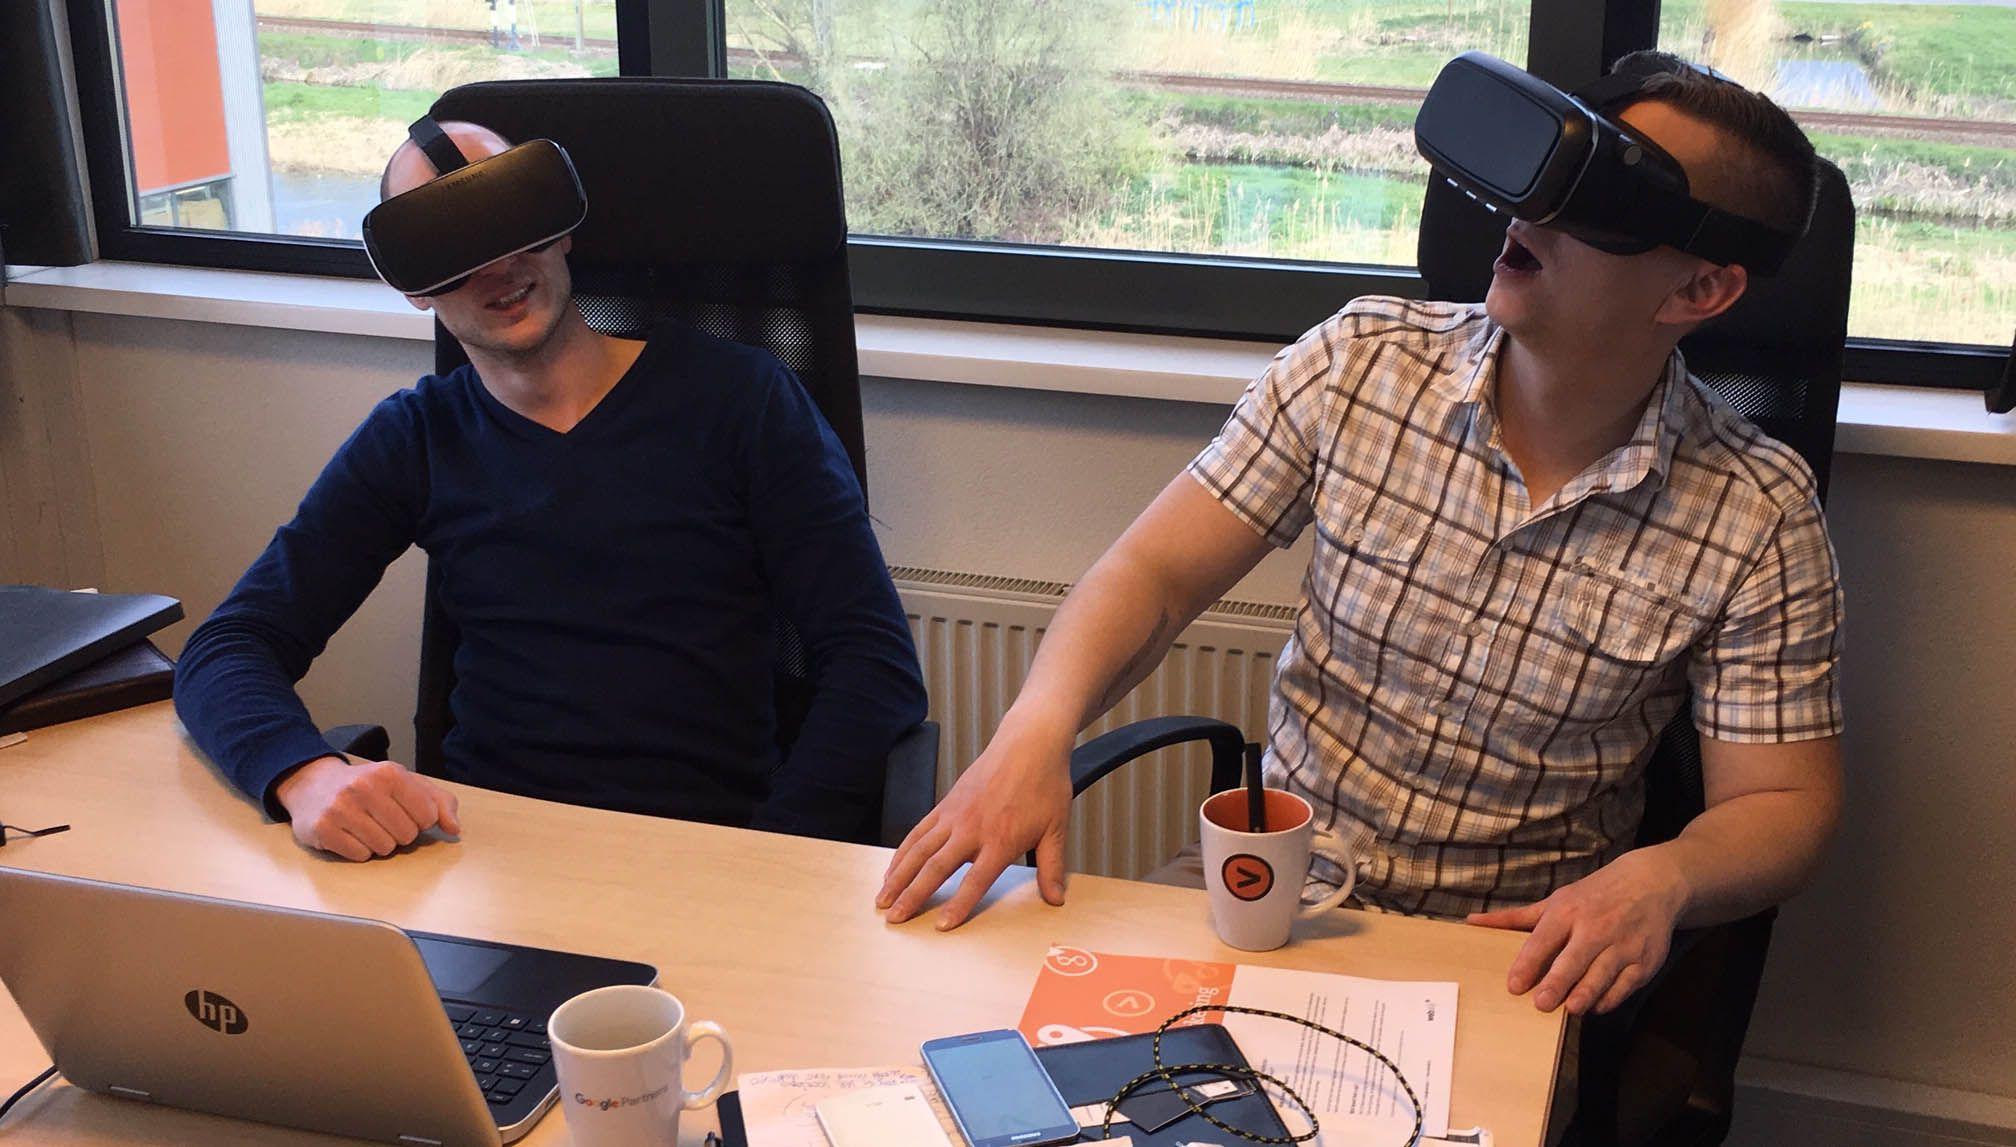 Doorbraak in Virtual Reality: bereik je klanten in de andere dimensie(s)